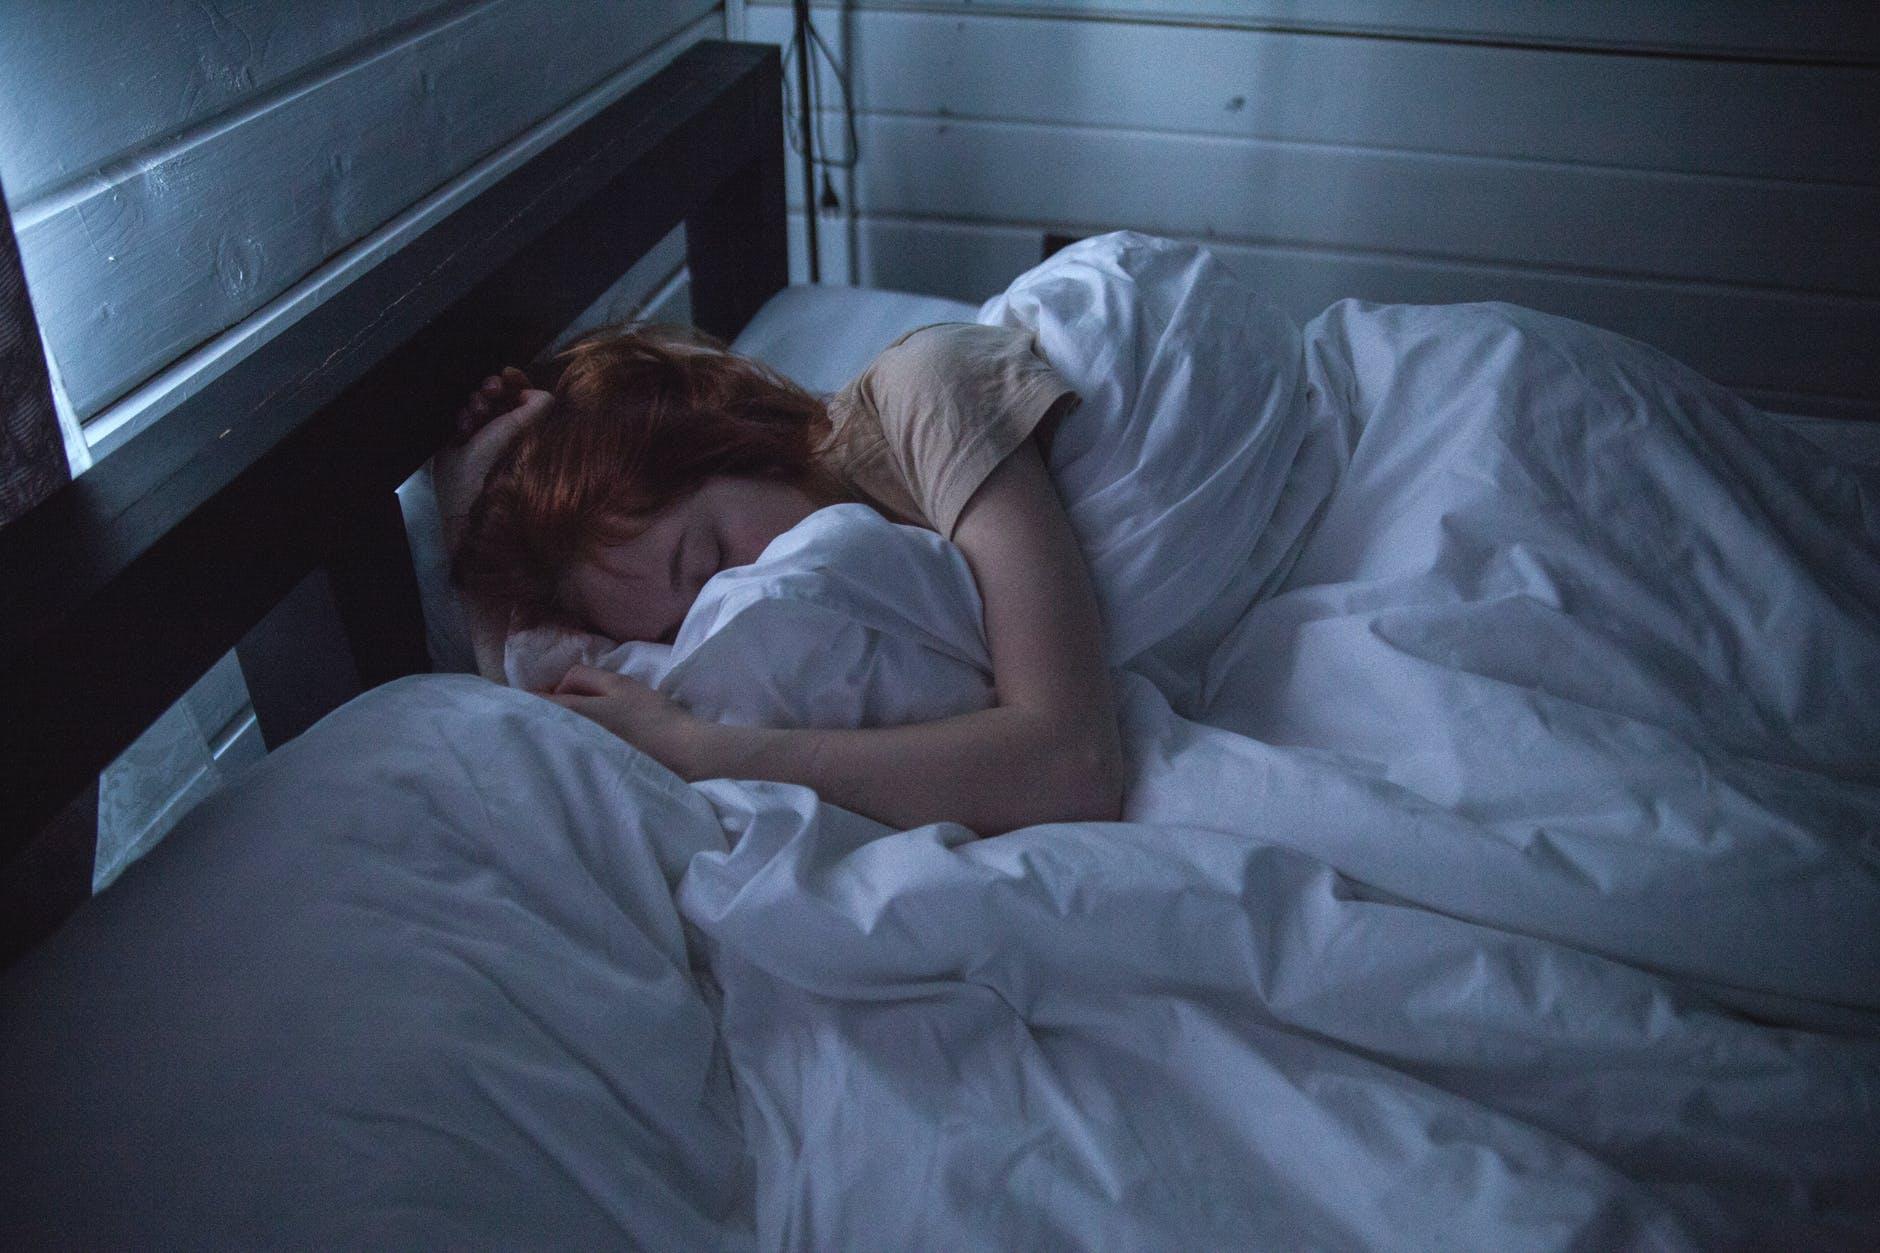 Femme endormie. | Photo : Pexels